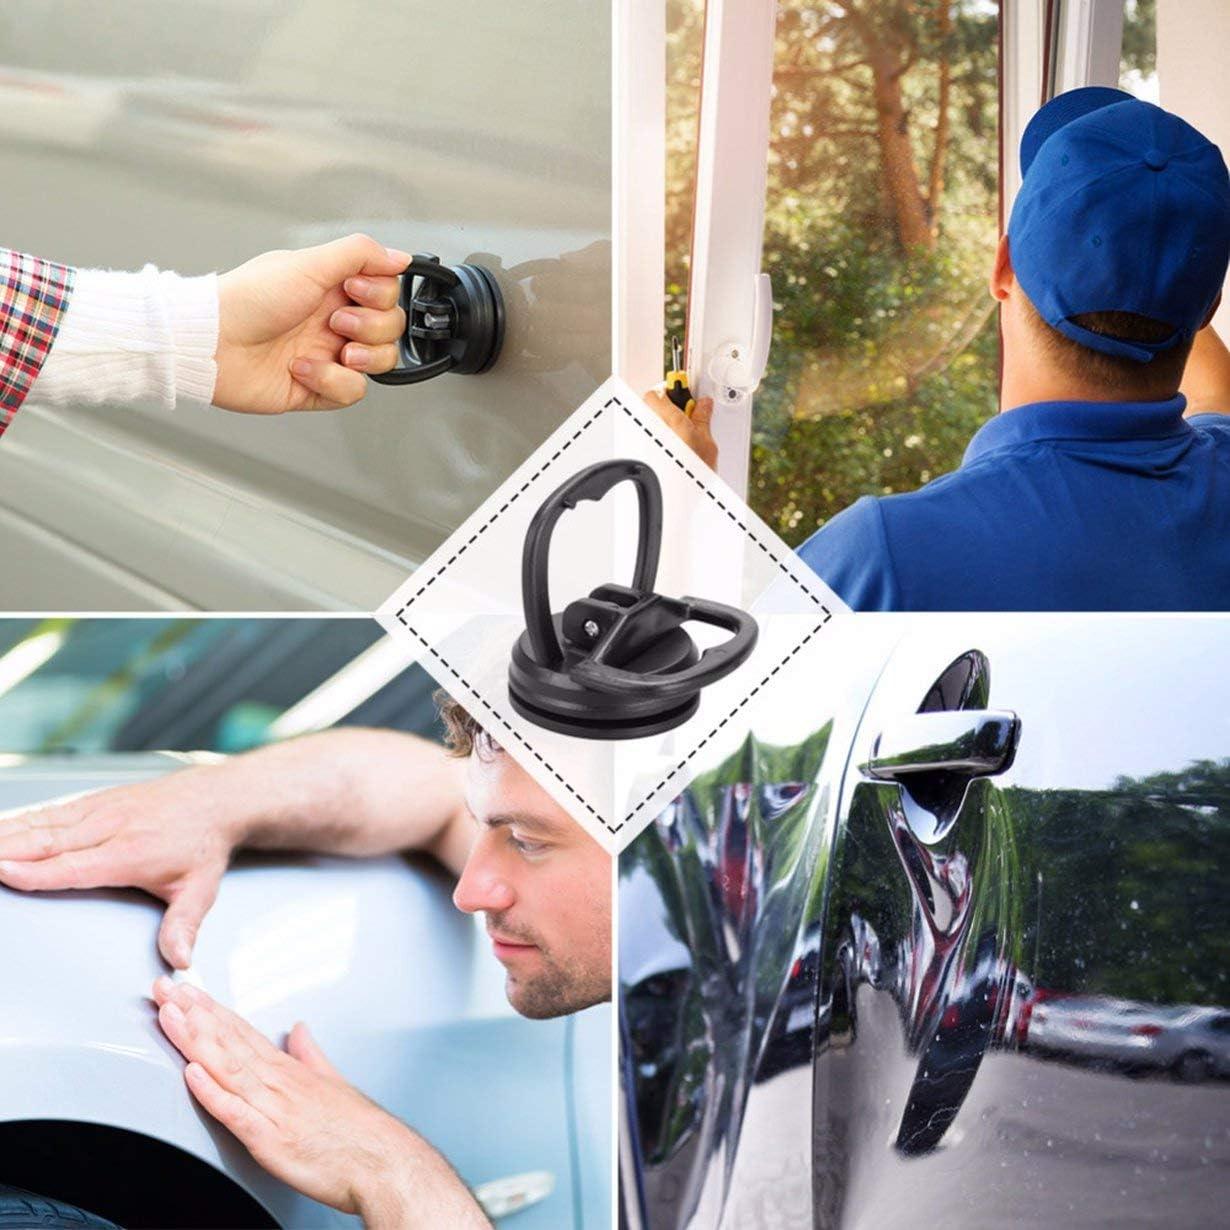 camellia/® ni voiture Dent Remover Puller Auto Body Enl/èvement De Dent Dent Outils Forte Ventouse Kit De R/éparation Automatique Verre Lifter En M/étal Verrouillage Utile Couleur Al/éatoire